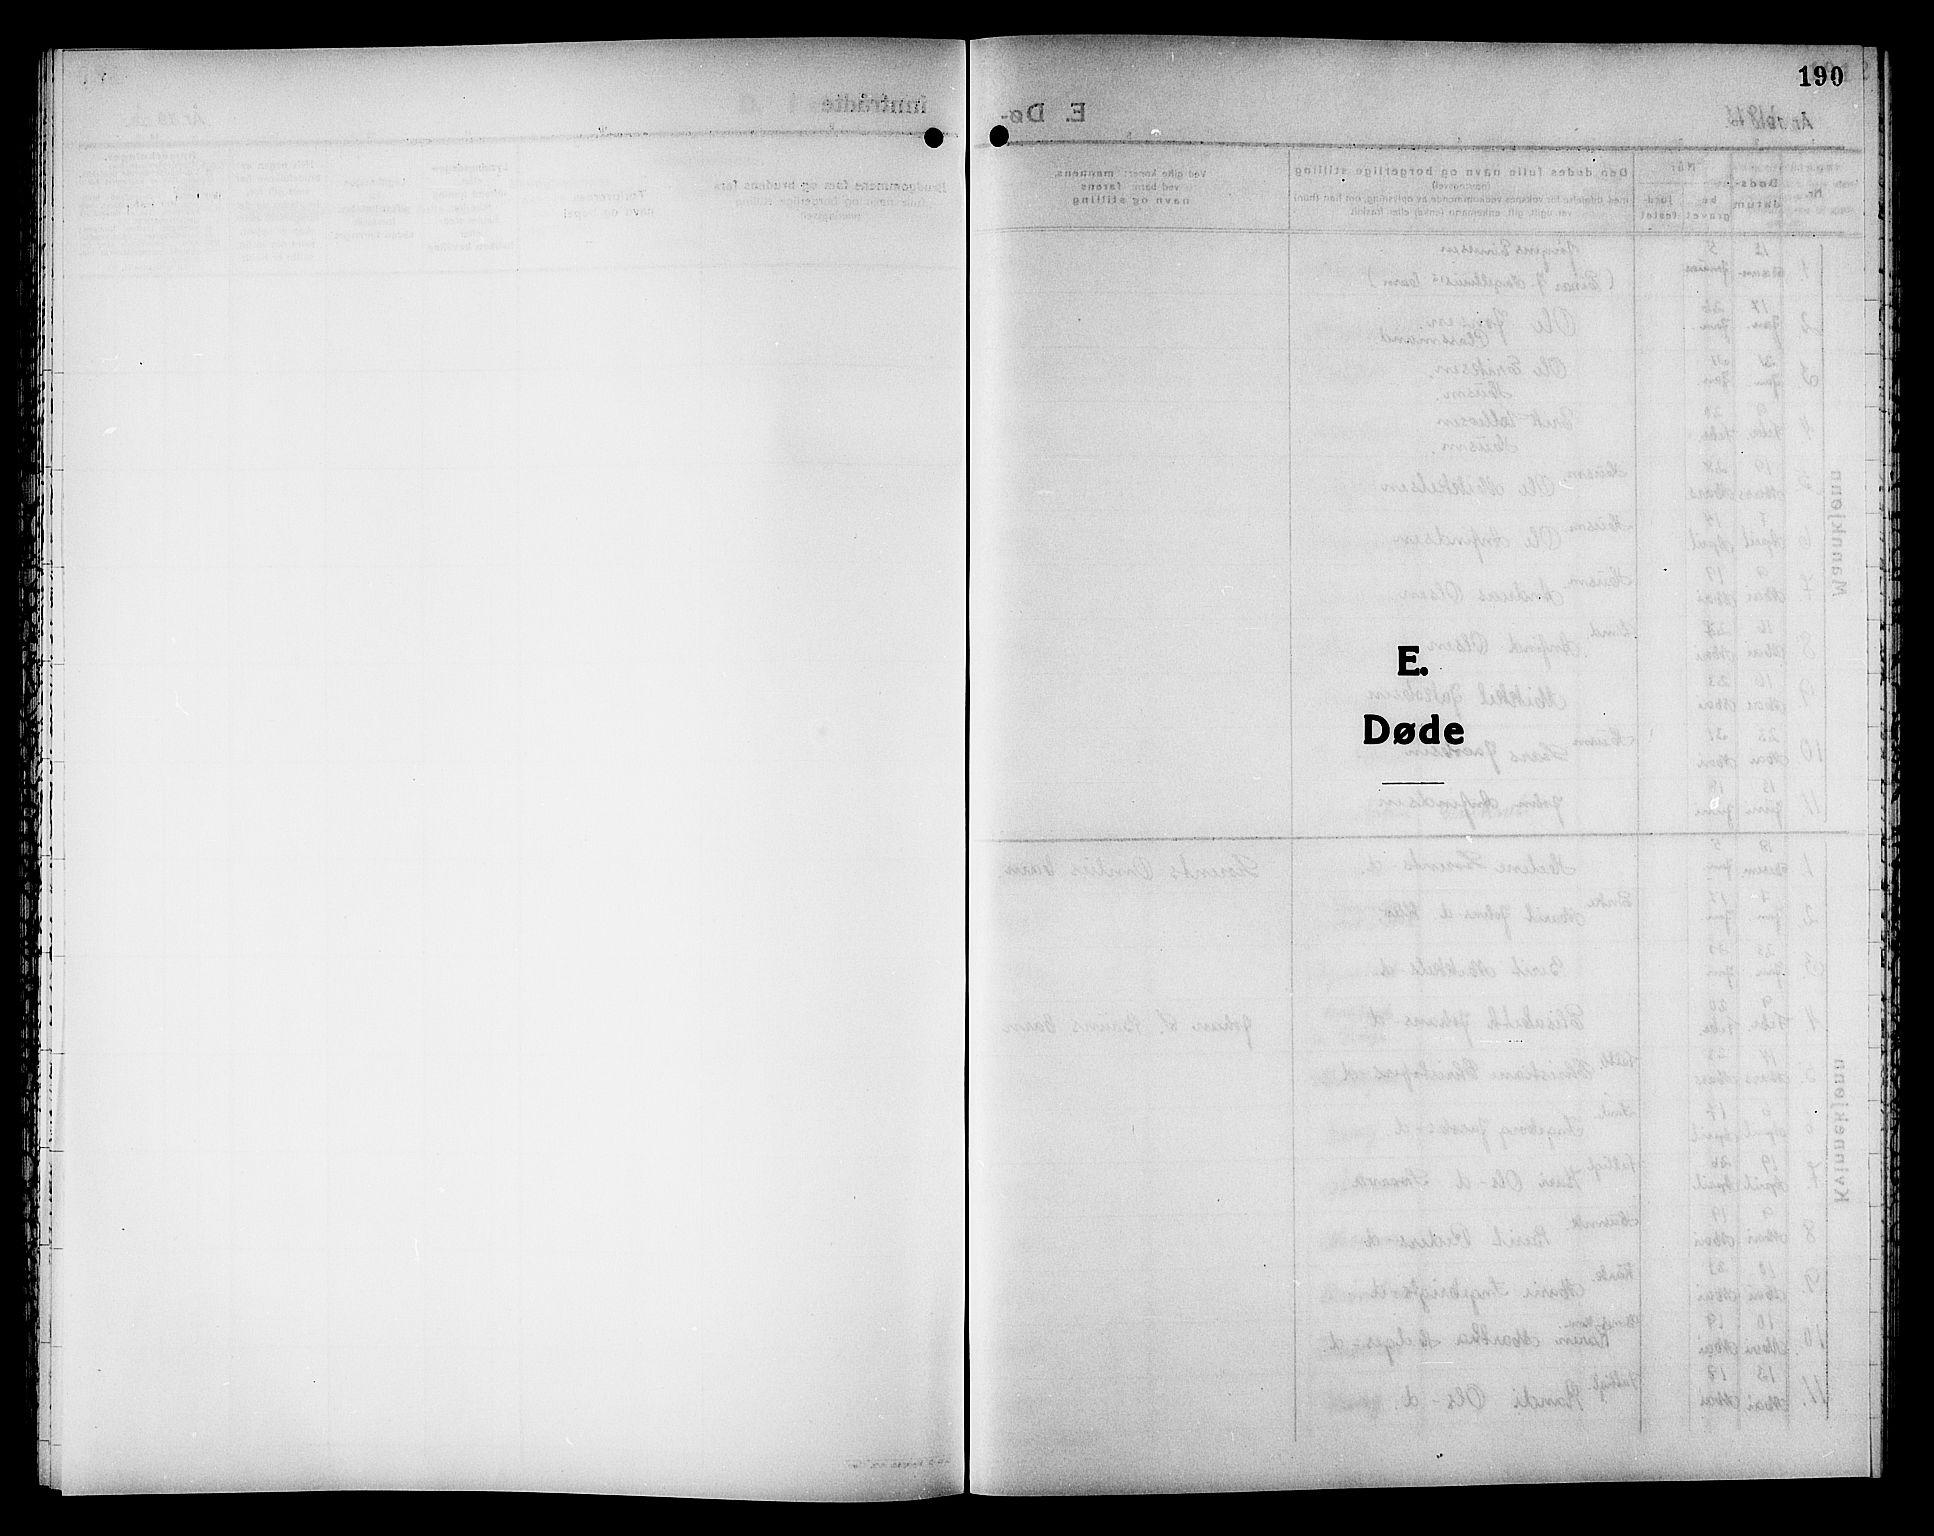 SAT, Ministerialprotokoller, klokkerbøker og fødselsregistre - Nord-Trøndelag, 749/L0486: Ministerialbok nr. 749D02, 1873-1887, s. 190